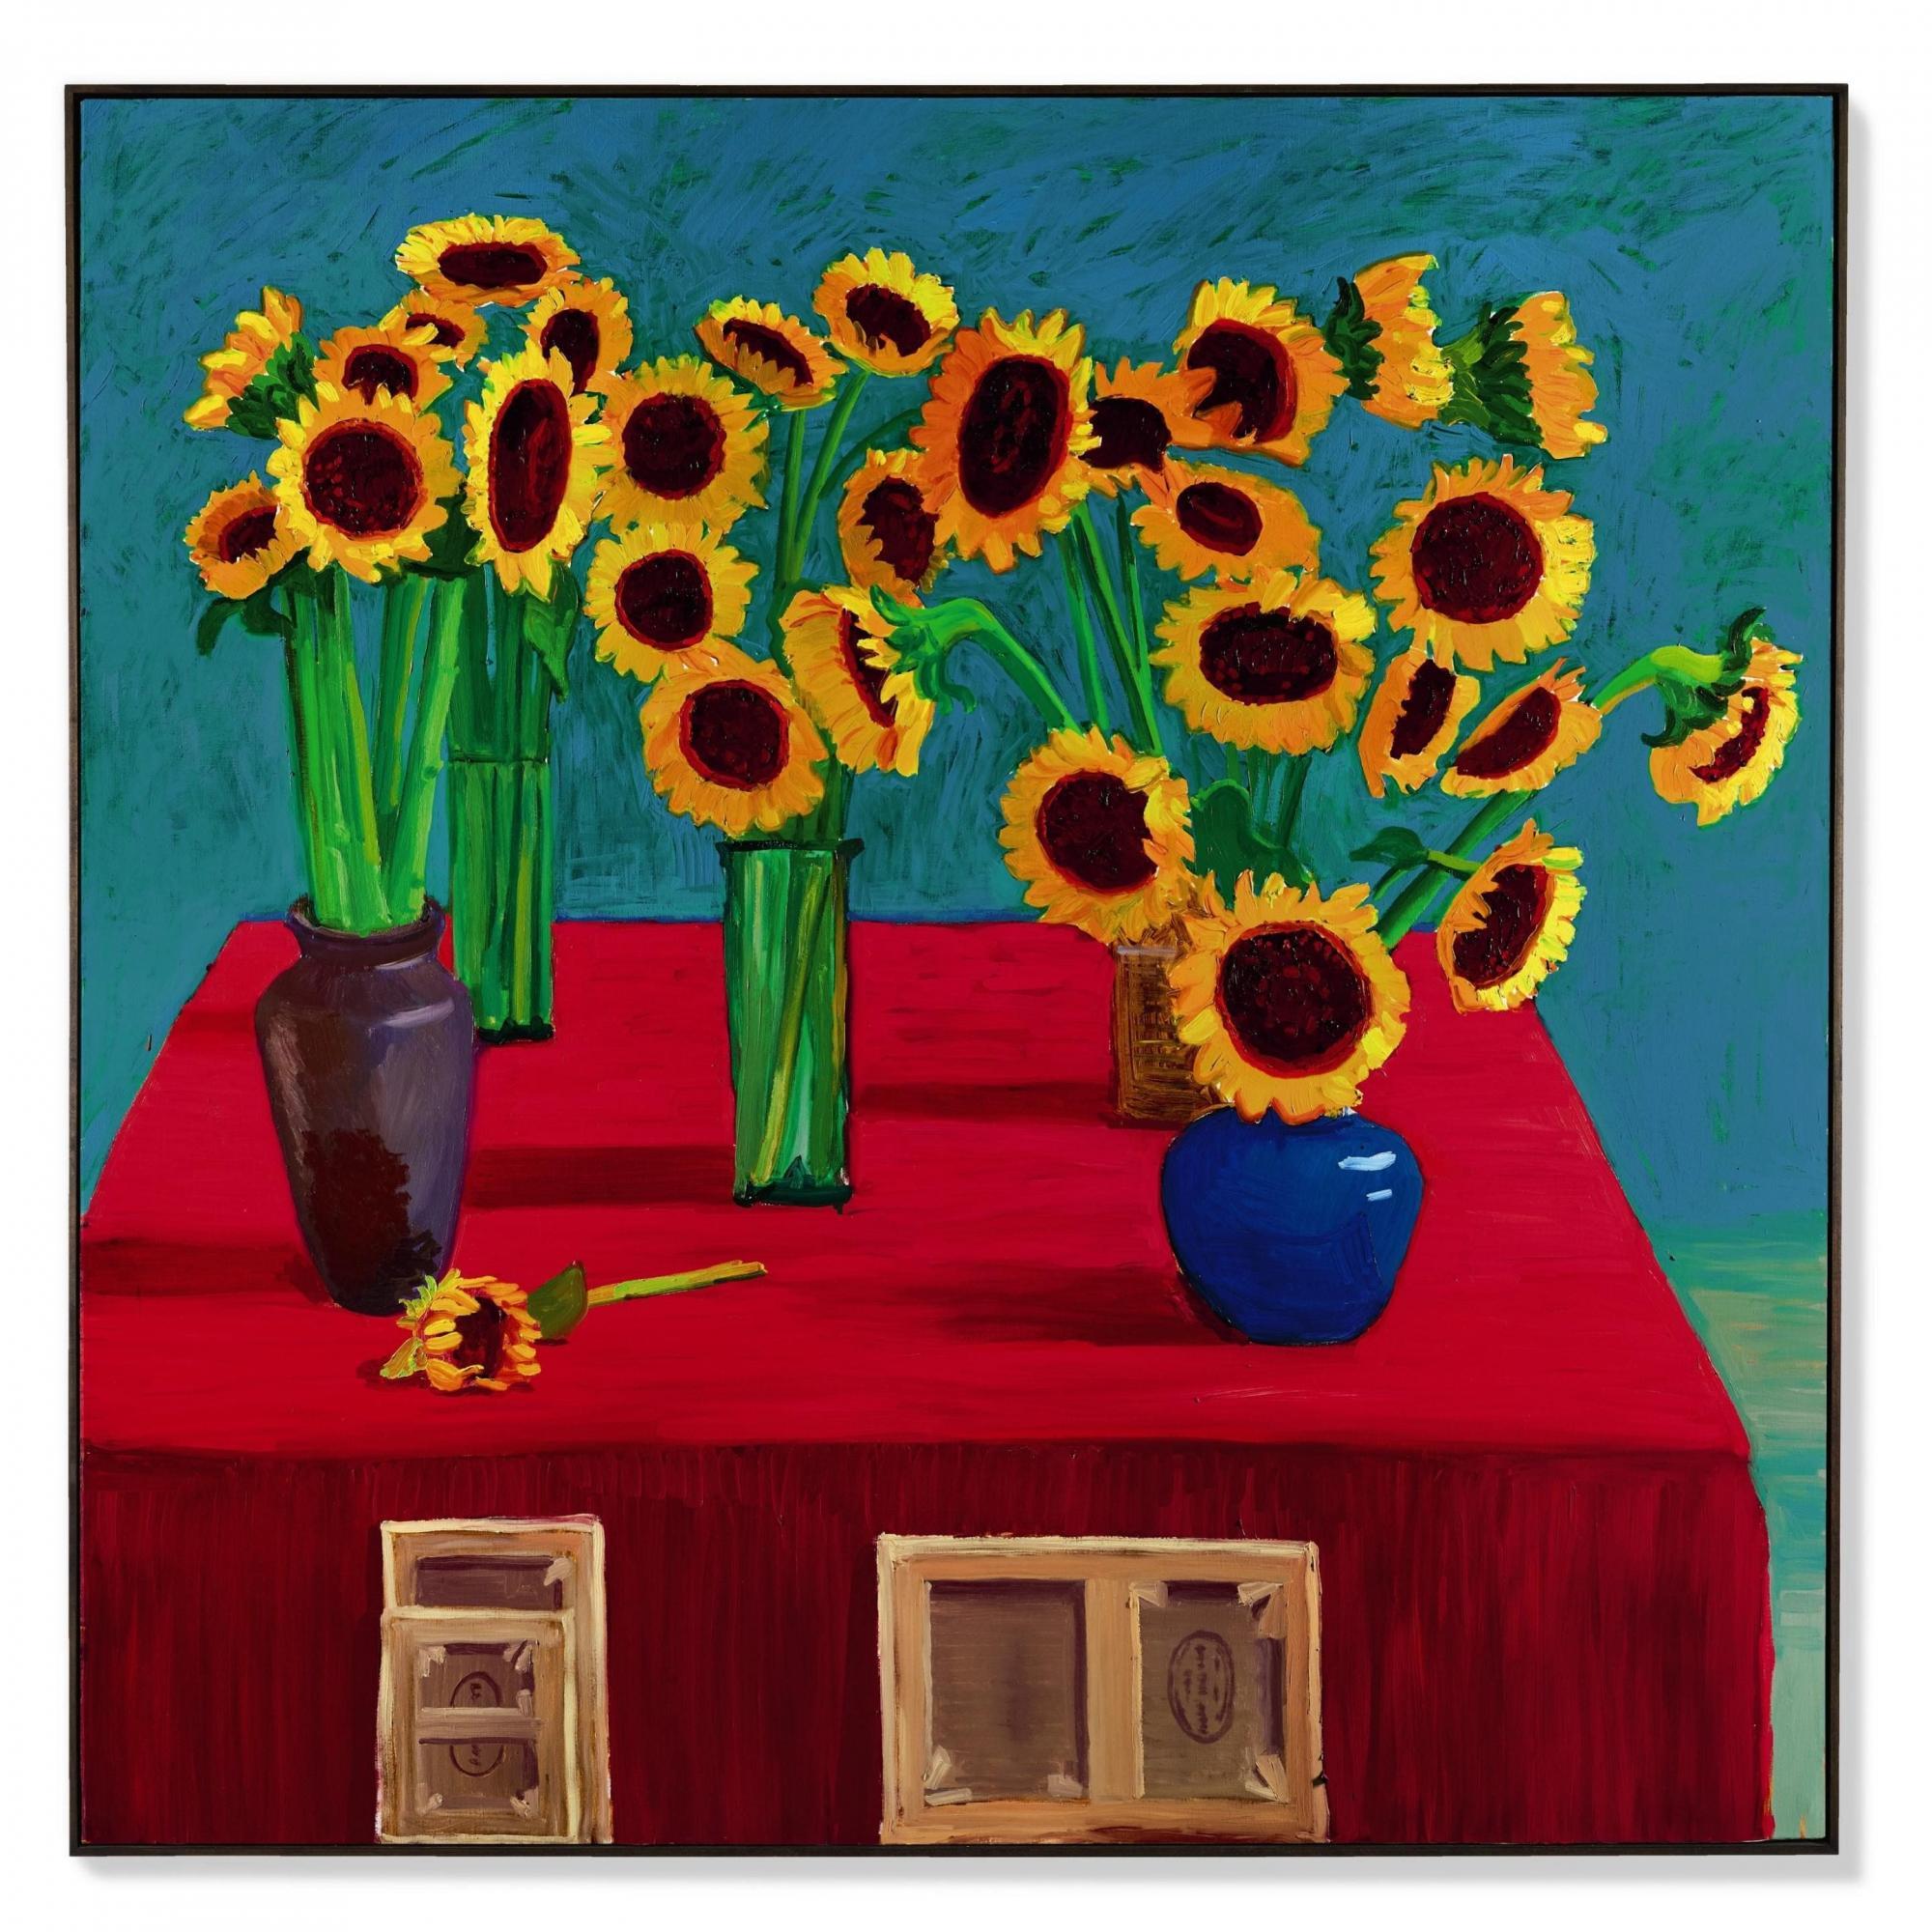 大衛・霍克尼(David Hockney)《三十朵向日葵》 1996年作,油畫畫布,182.9 x 182.9 公分